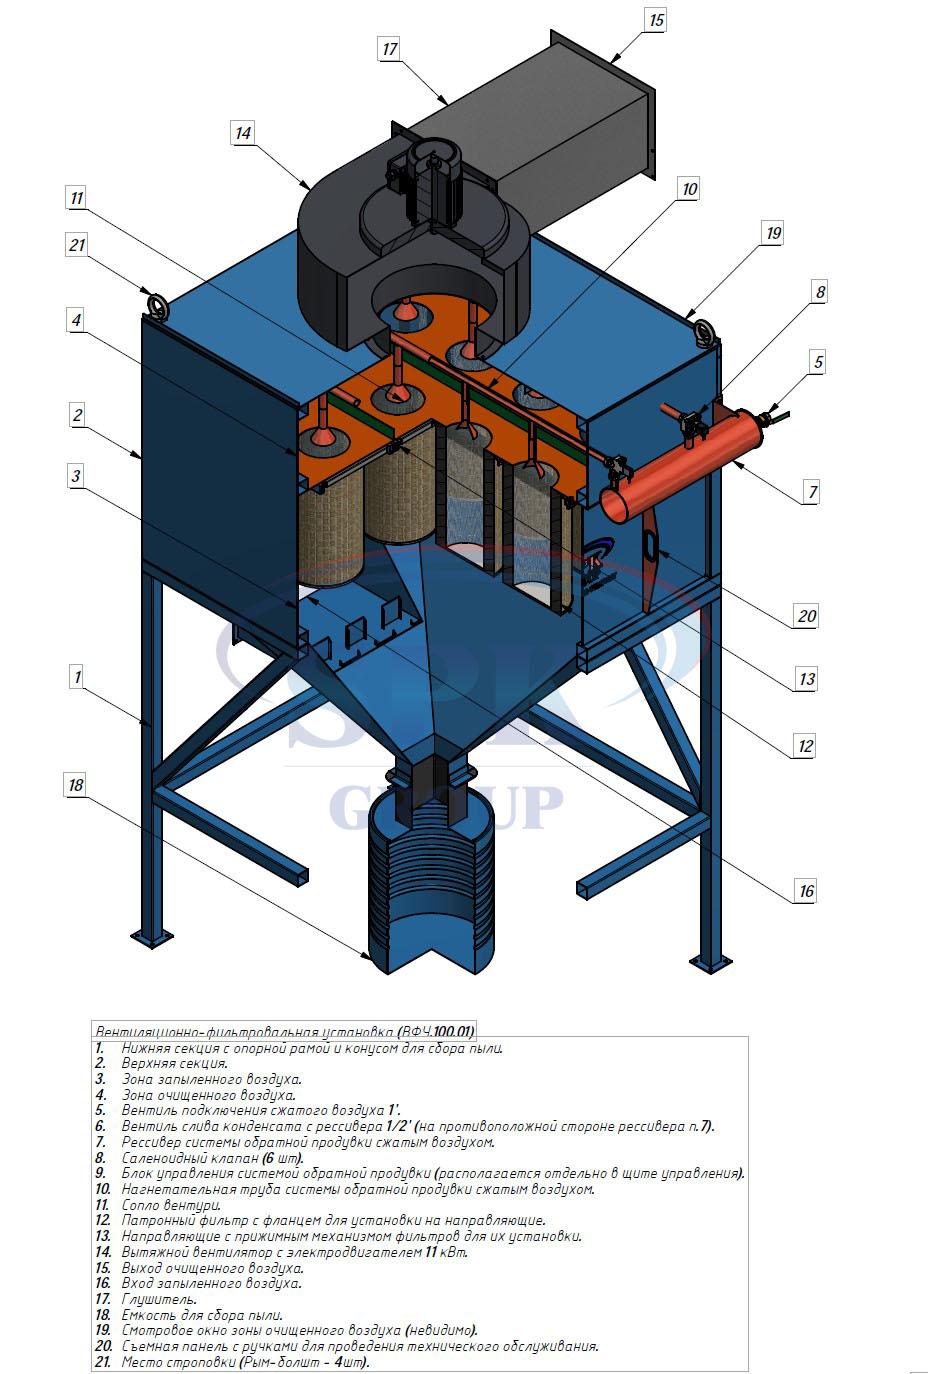 вентиляционно-фильтровальная установка